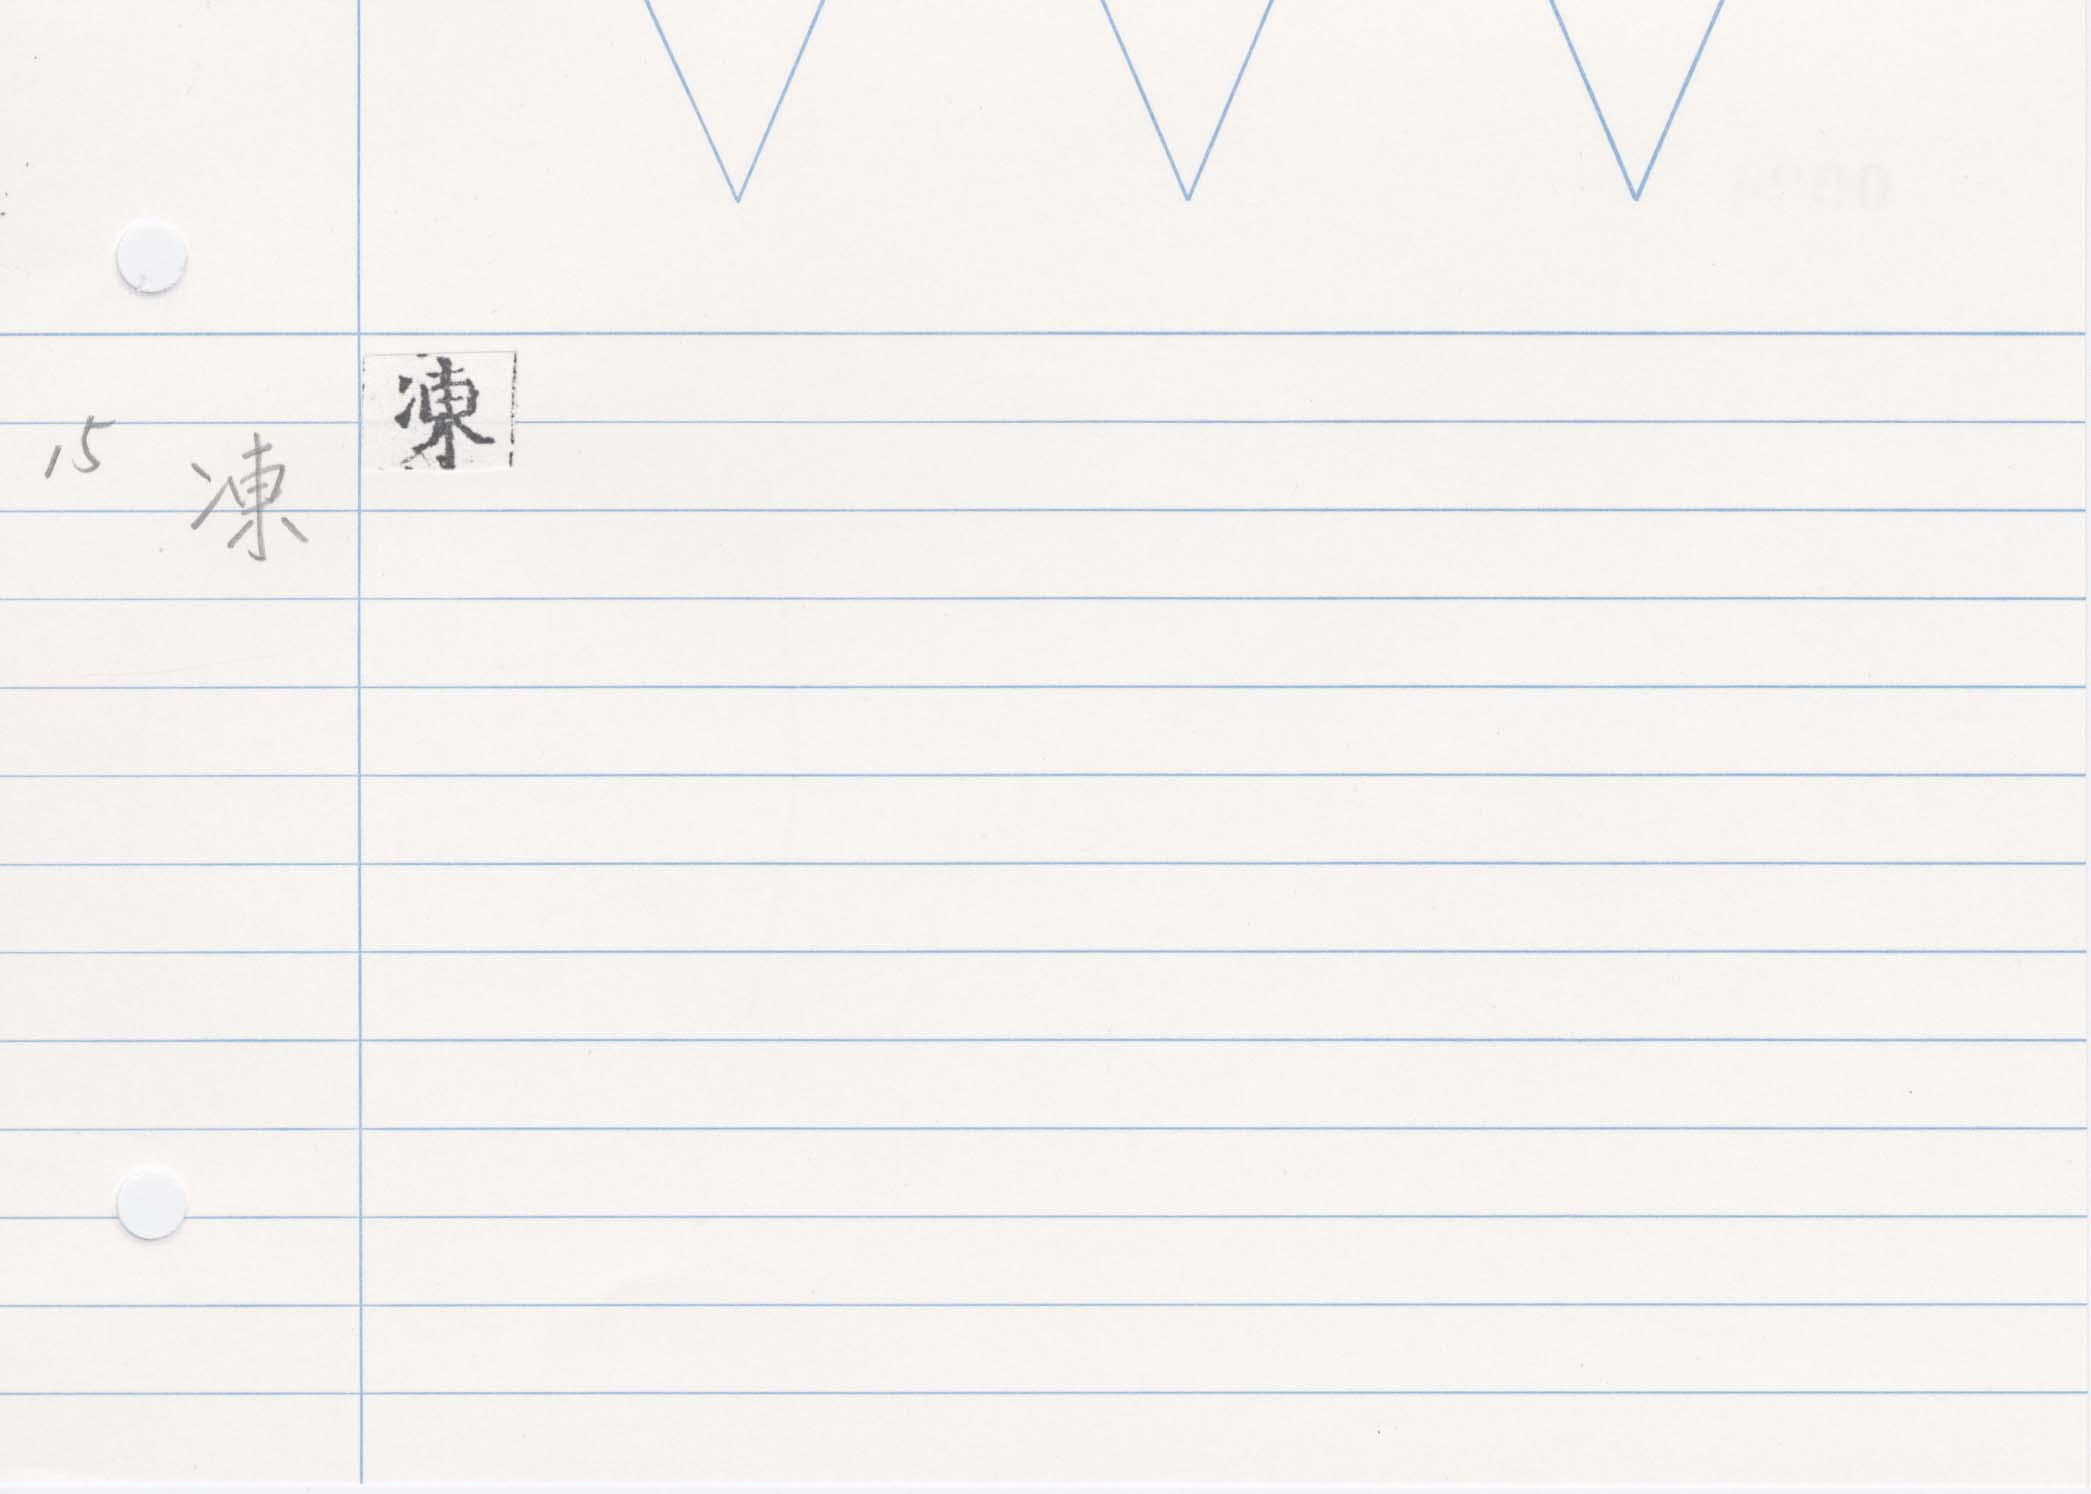 26_齊民要術卷五(高山寺本)/cards/0024.jpg